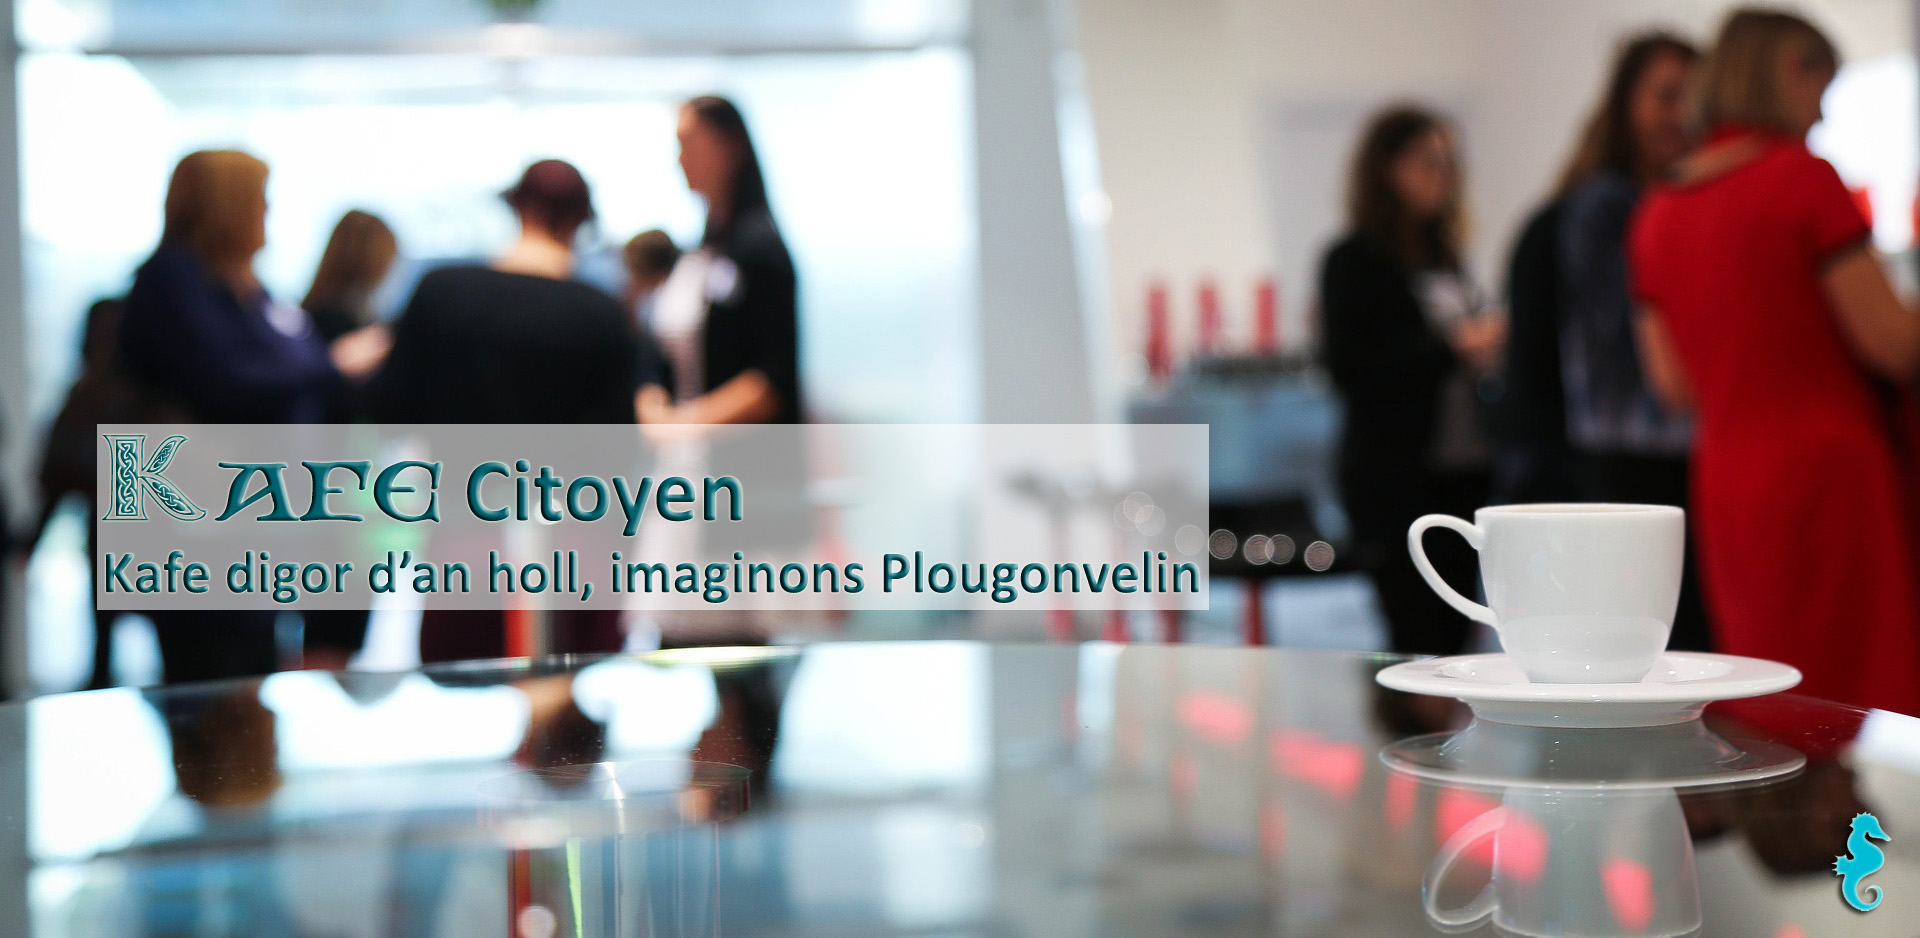 Le Kafe citoyen de Plougonvelin